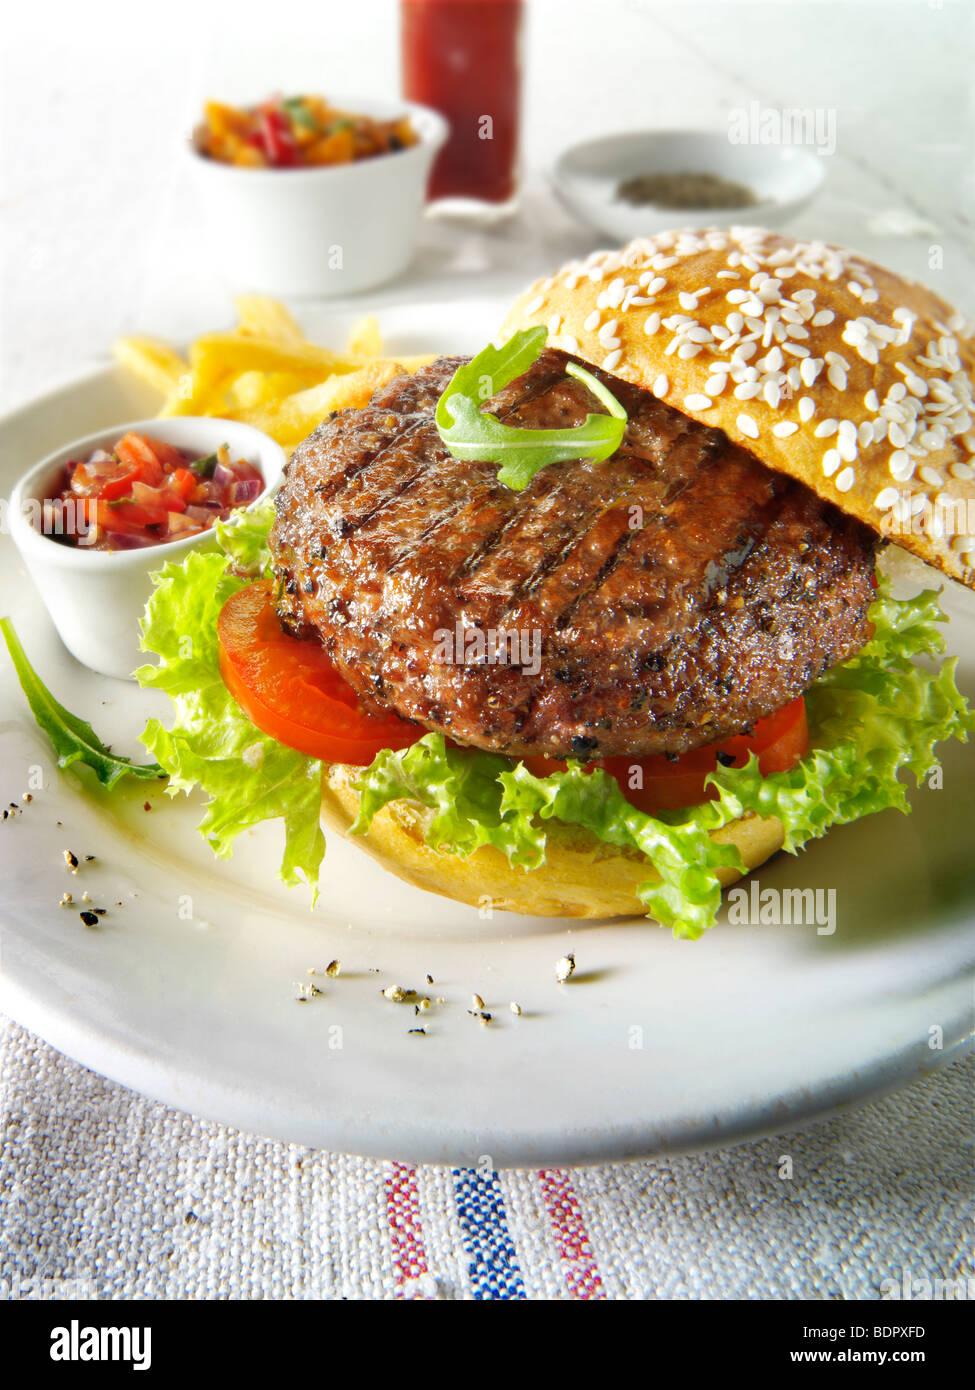 Char gegrilltes Rindfleisch-Burger mit Pommes Frites und Salat und ein Seseme Brötchen Stockfoto